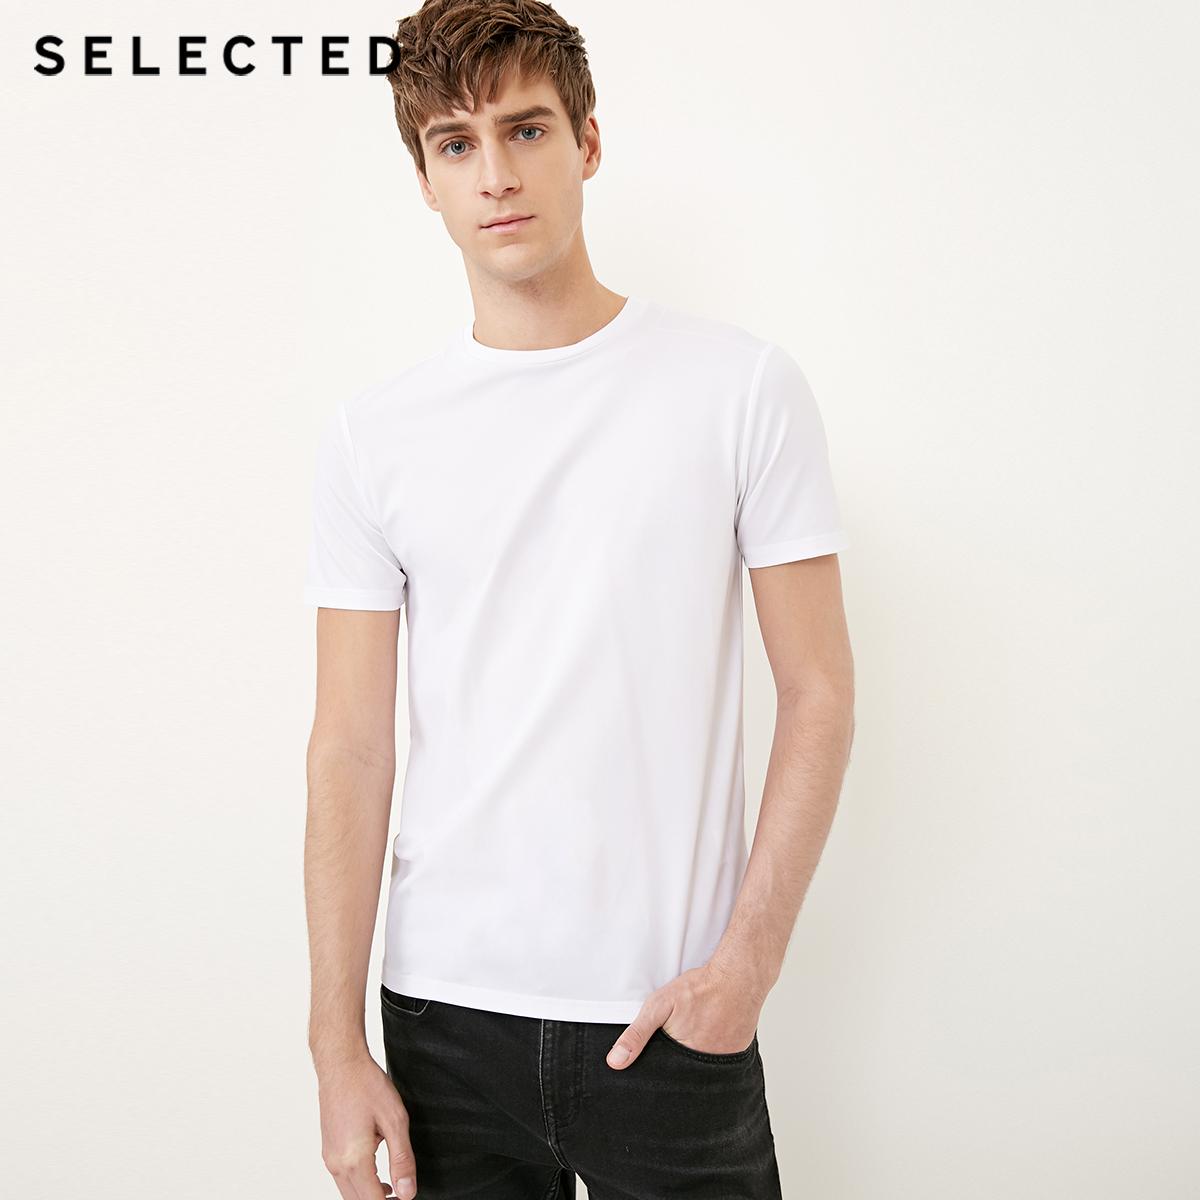 Собирать SELECTED мысль сорняки мораль мужчина многофункциональный быстросохнущие ткань круглый вырез бизнес повседневный T футболки SP|4181T4547